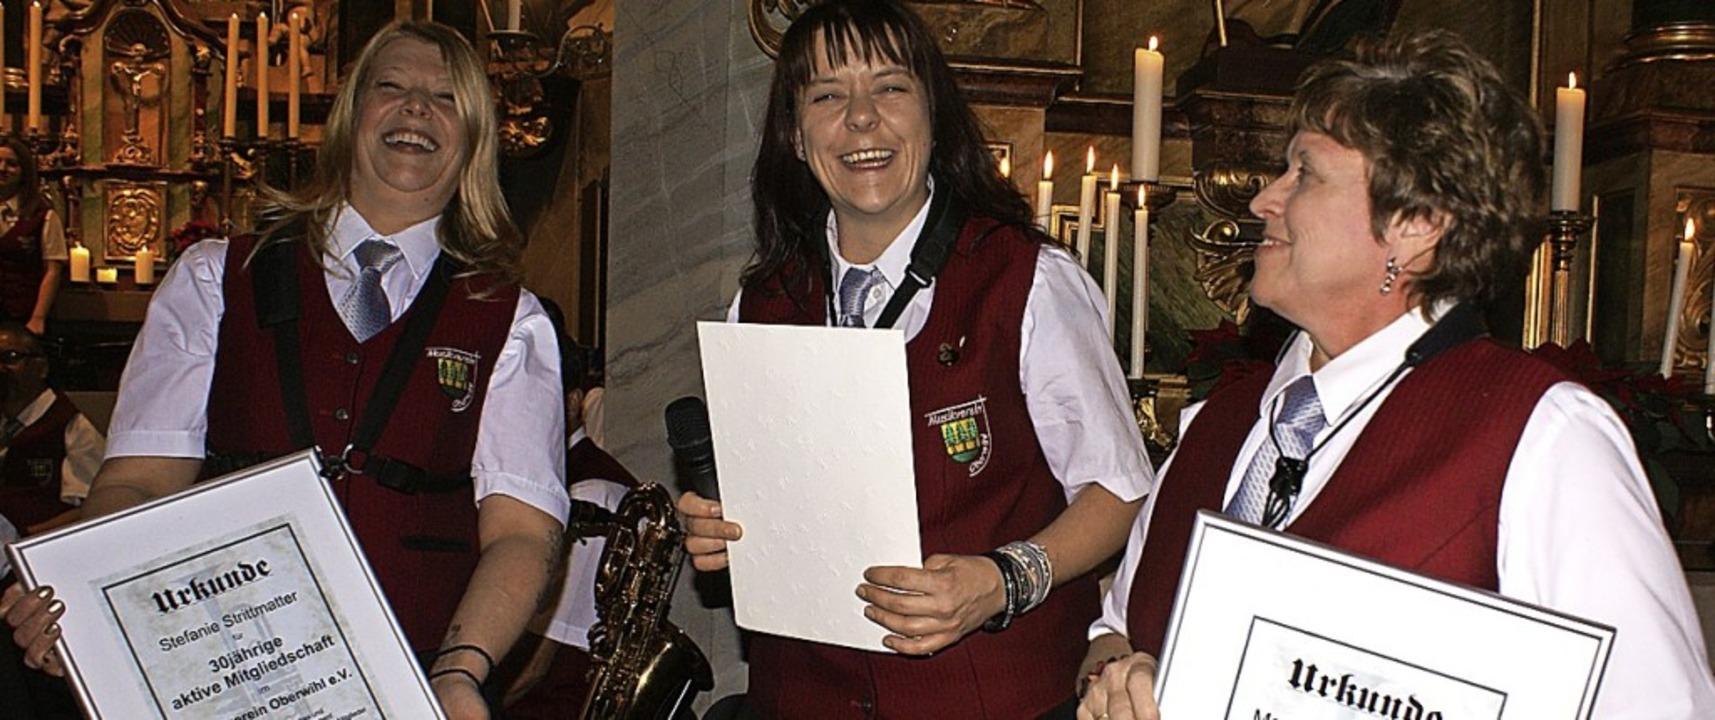 Für 30-jährige Treue im Musikverein Ob... 45 Jahre aktives Wirken geehrt wurde.    Foto: Probst